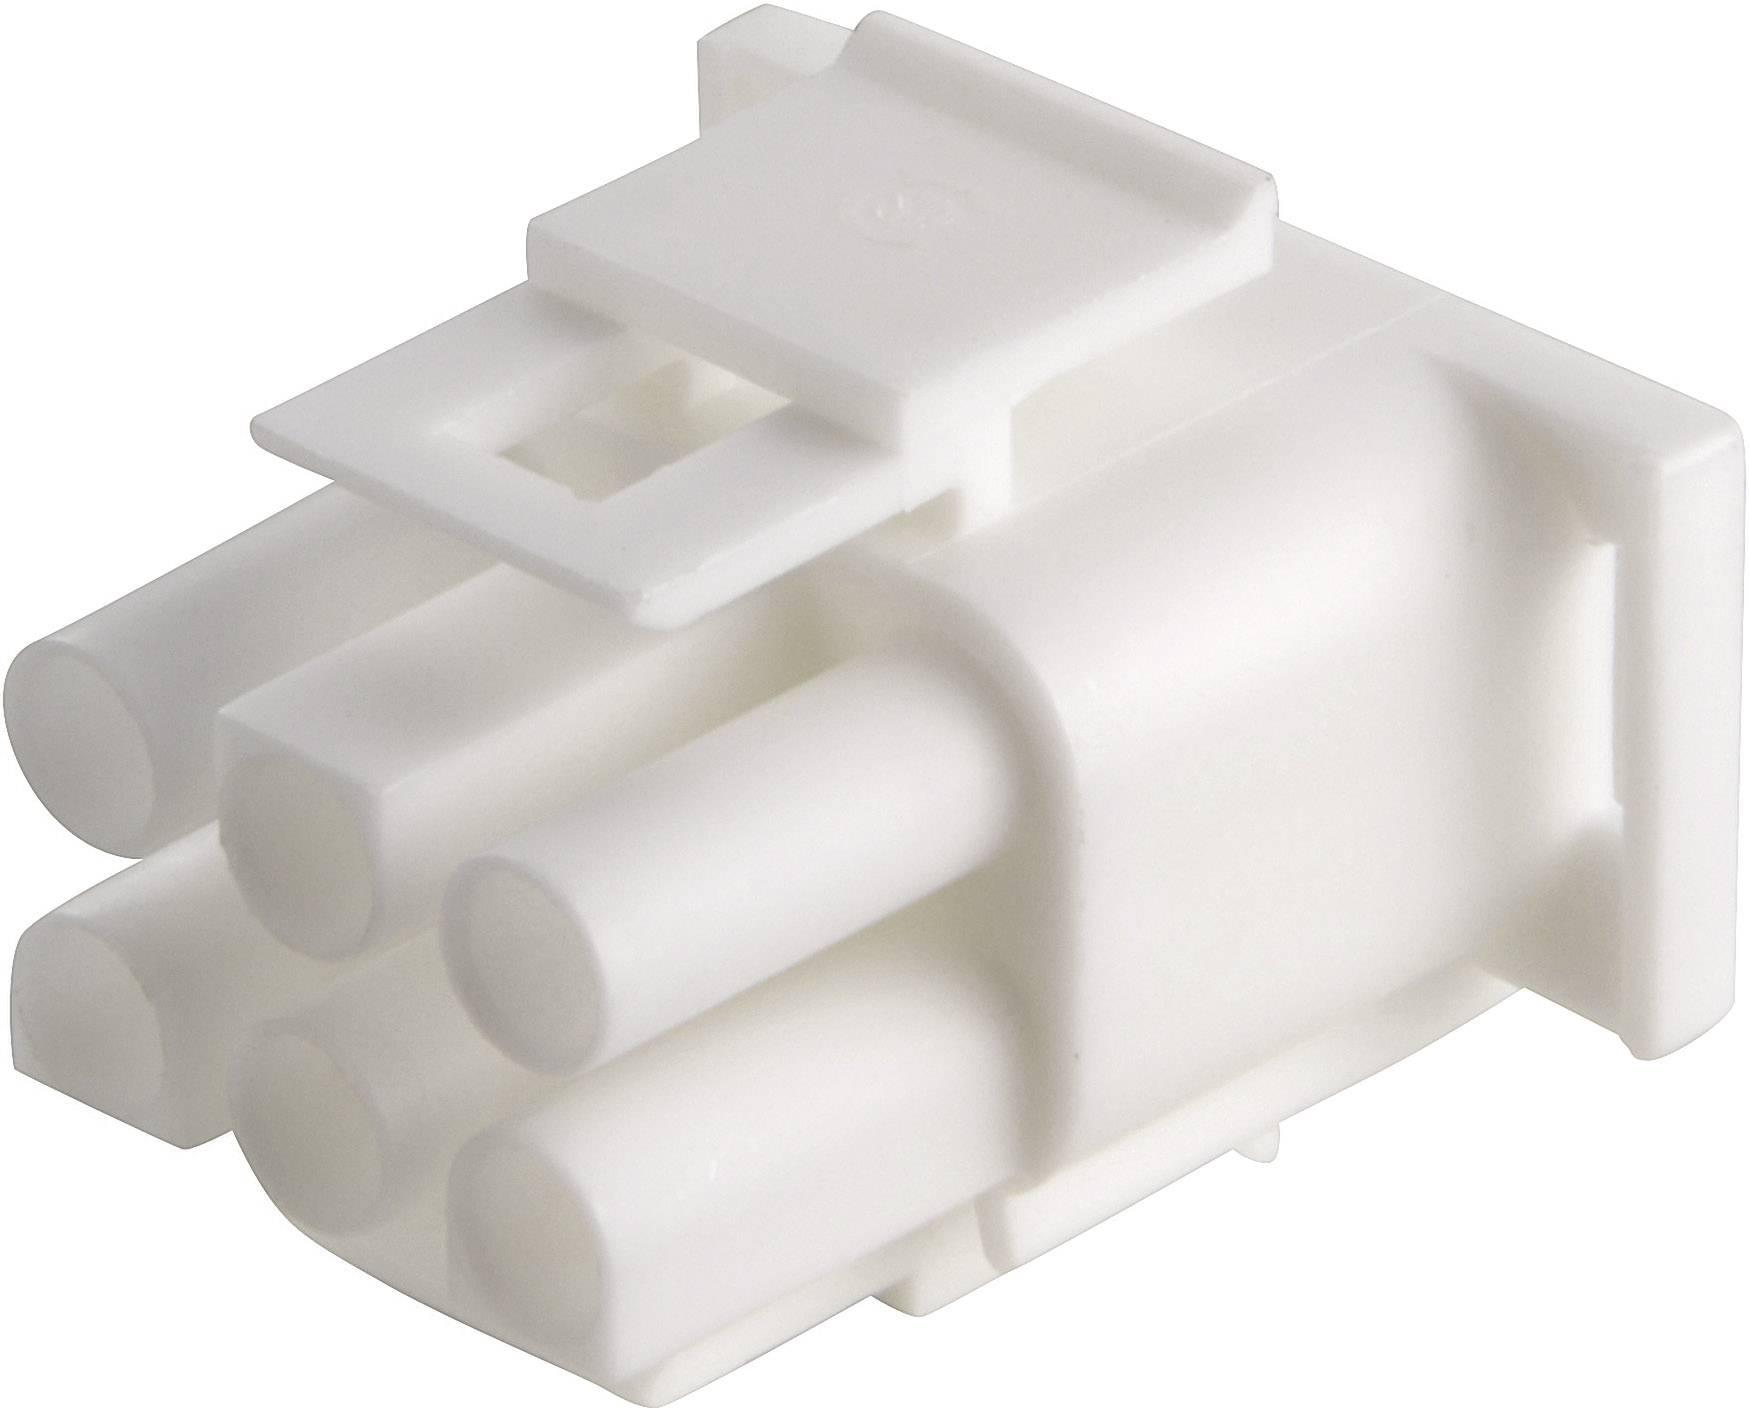 Zástrčkové puzdro na kábel TE Connectivity 350715-4, počet pólov 6, raster 6.35 mm, 1 ks